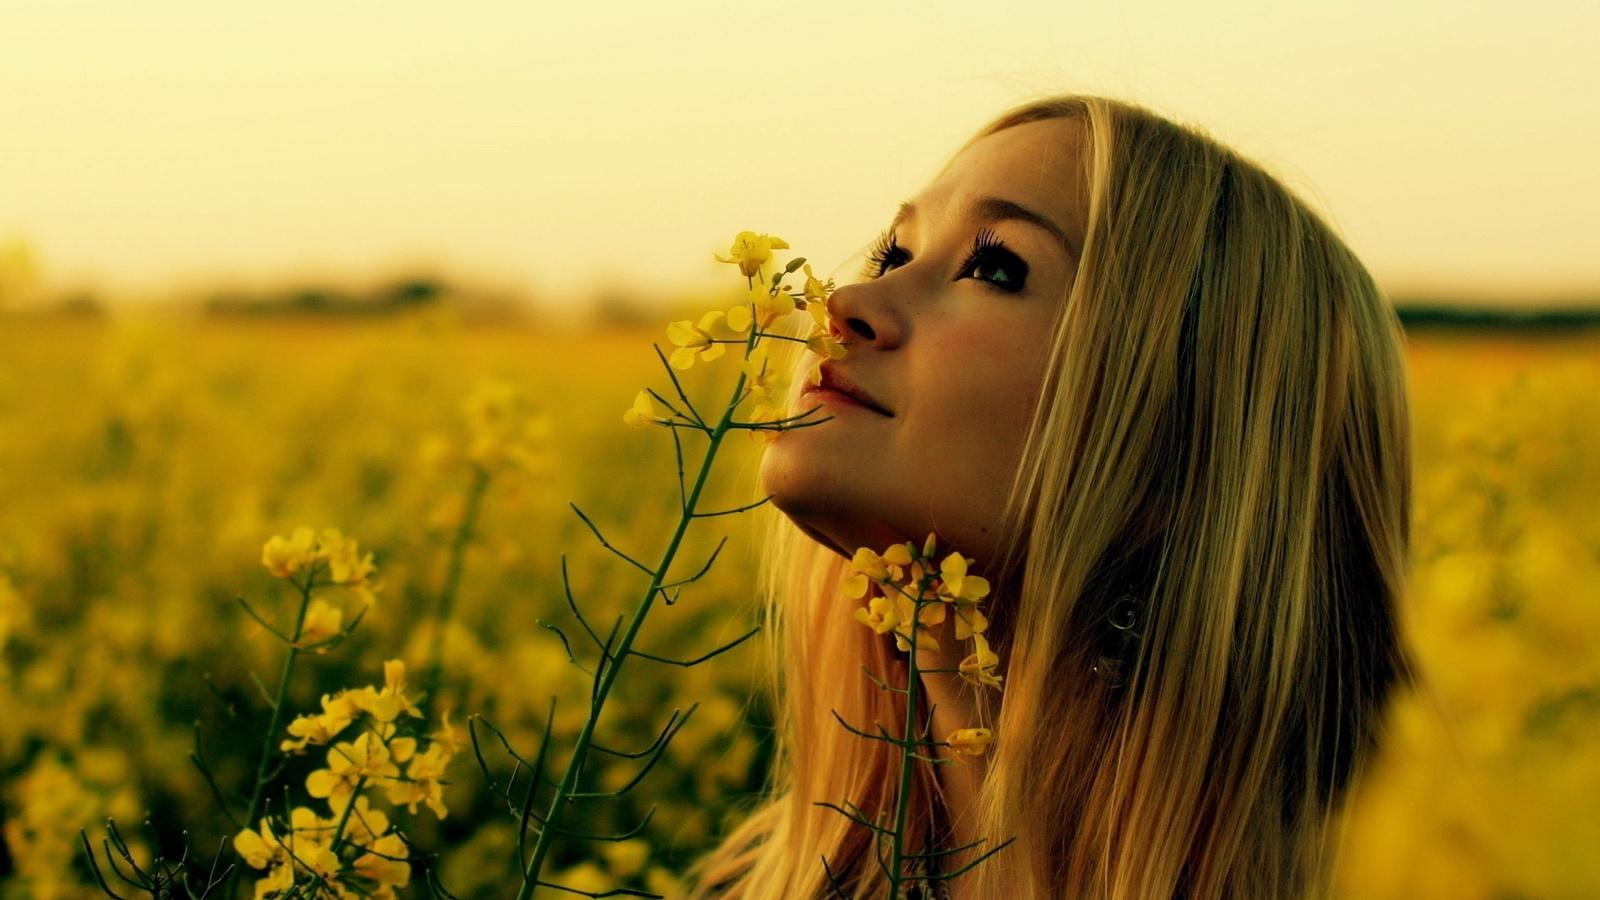 Красивая природа цветы девушки